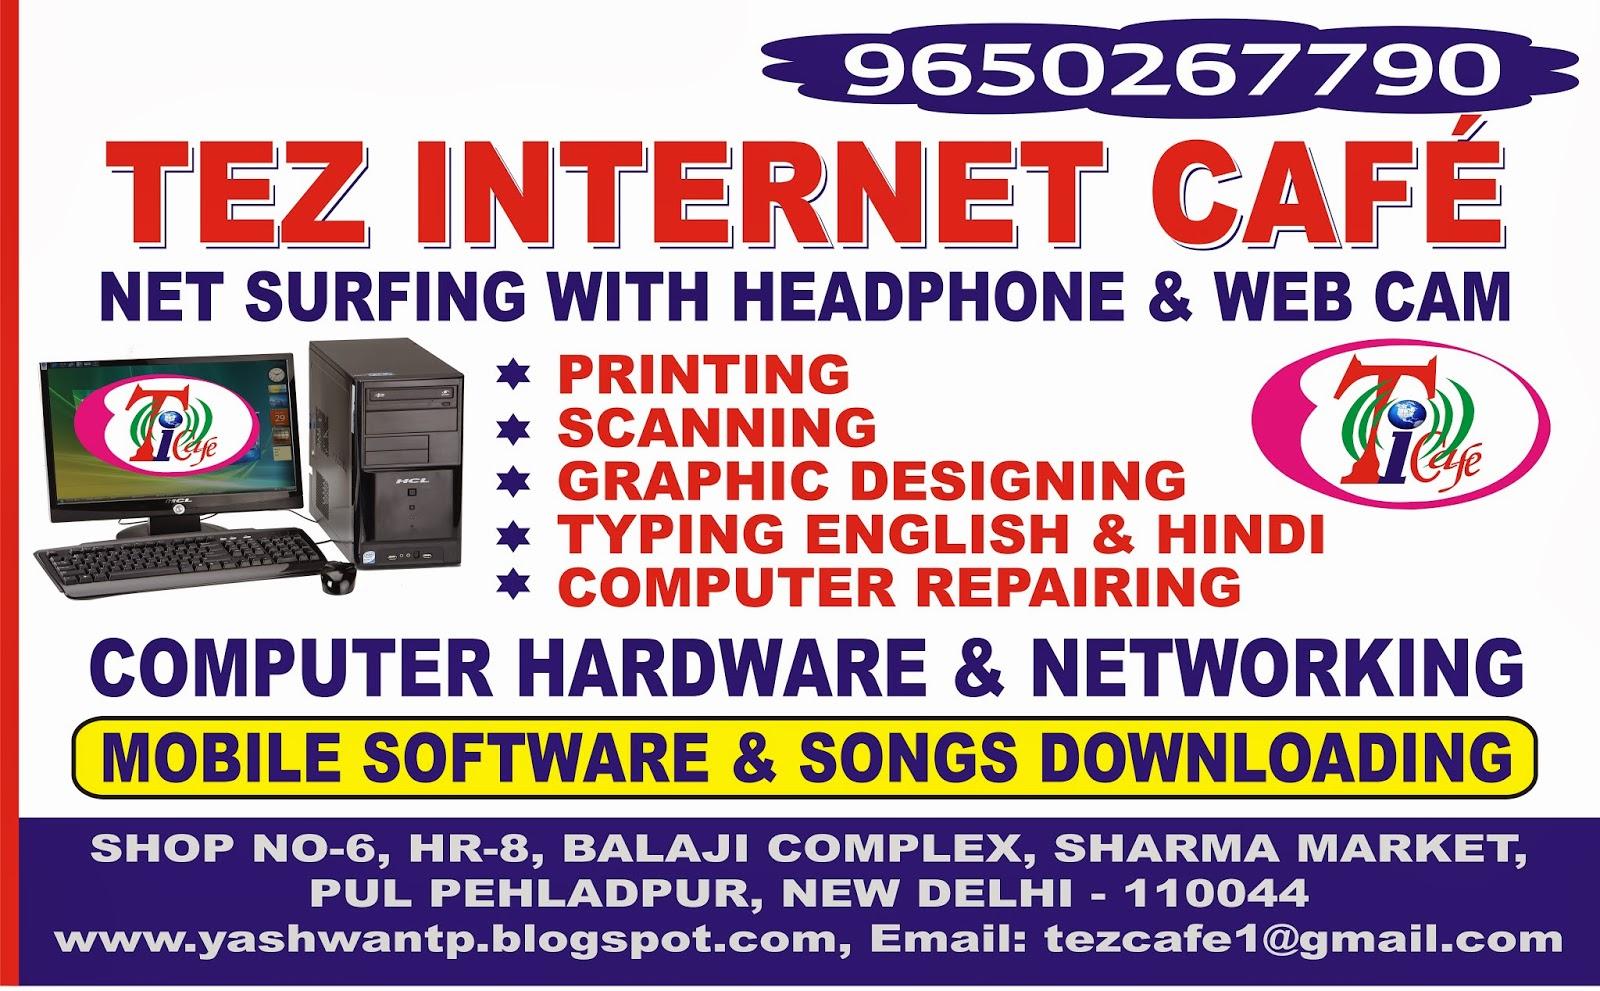 TEZ INTERNET CAFE: Tez Internet Cafe Banner